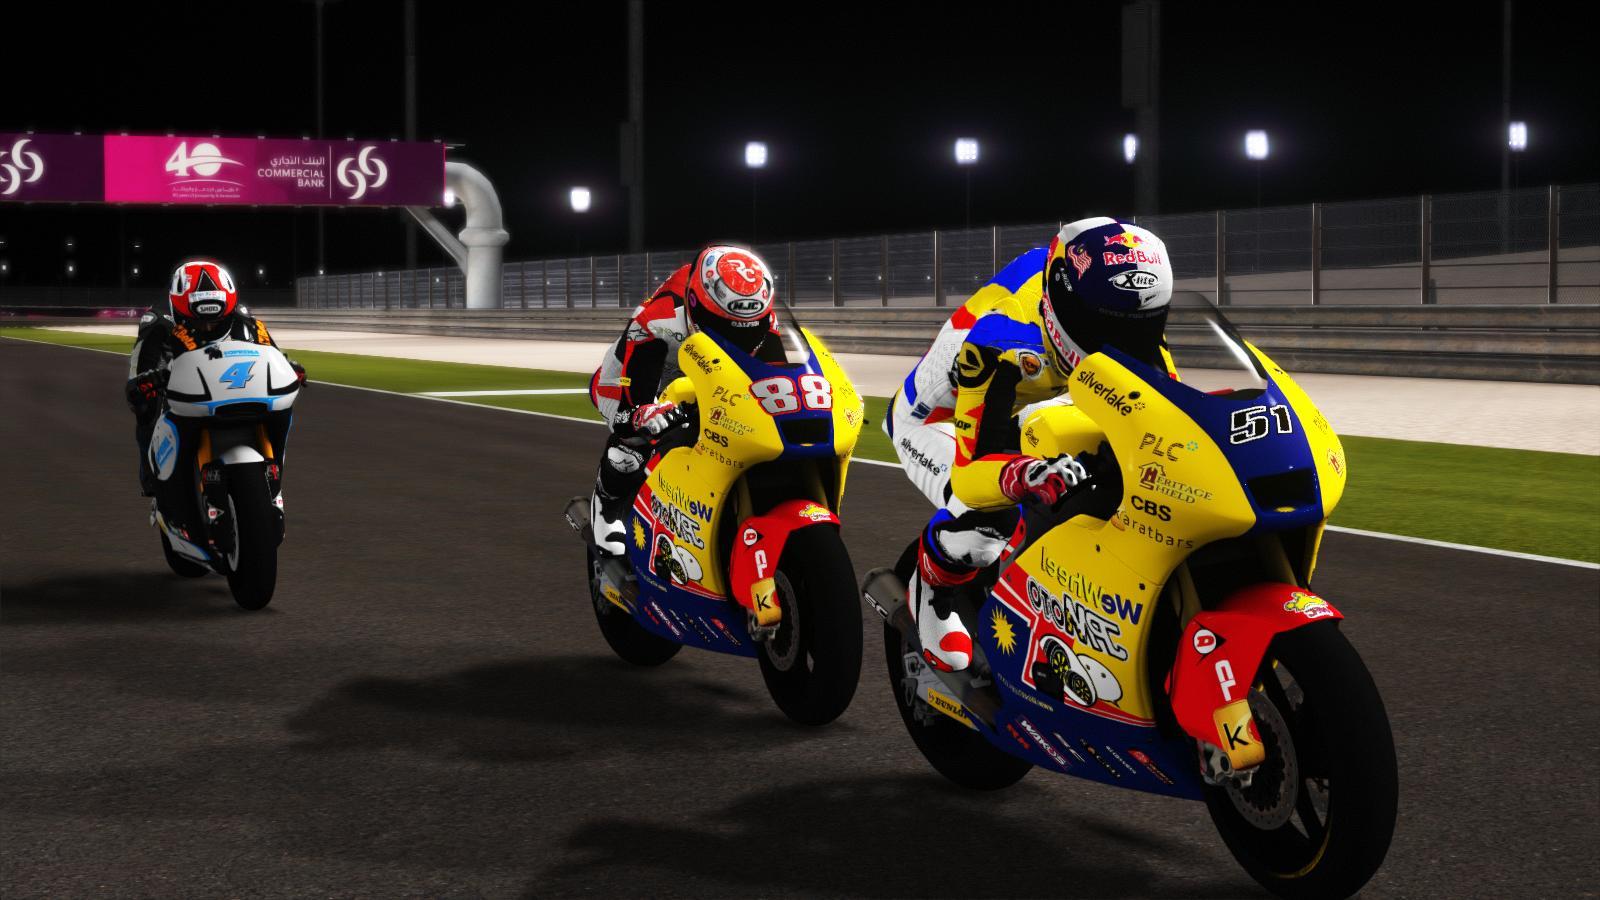 MotoGP15X64 2016-03-08 15-04-01-56.jpg